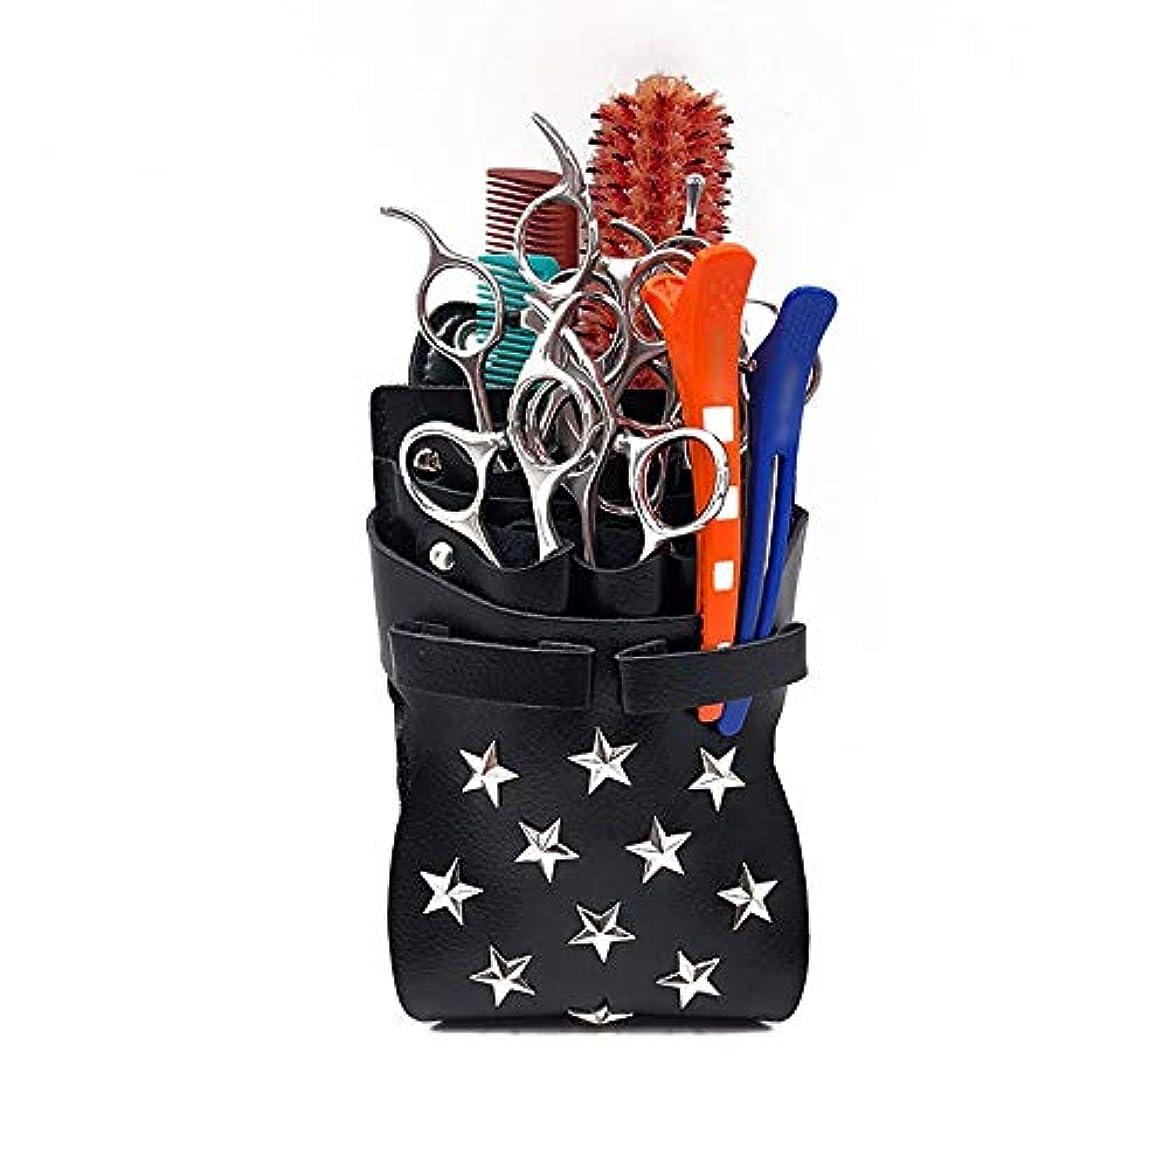 約設定できた独立した理髪キットポケット革理容専門はさみホルスターポーチ モデリングツール (色 : 黒)